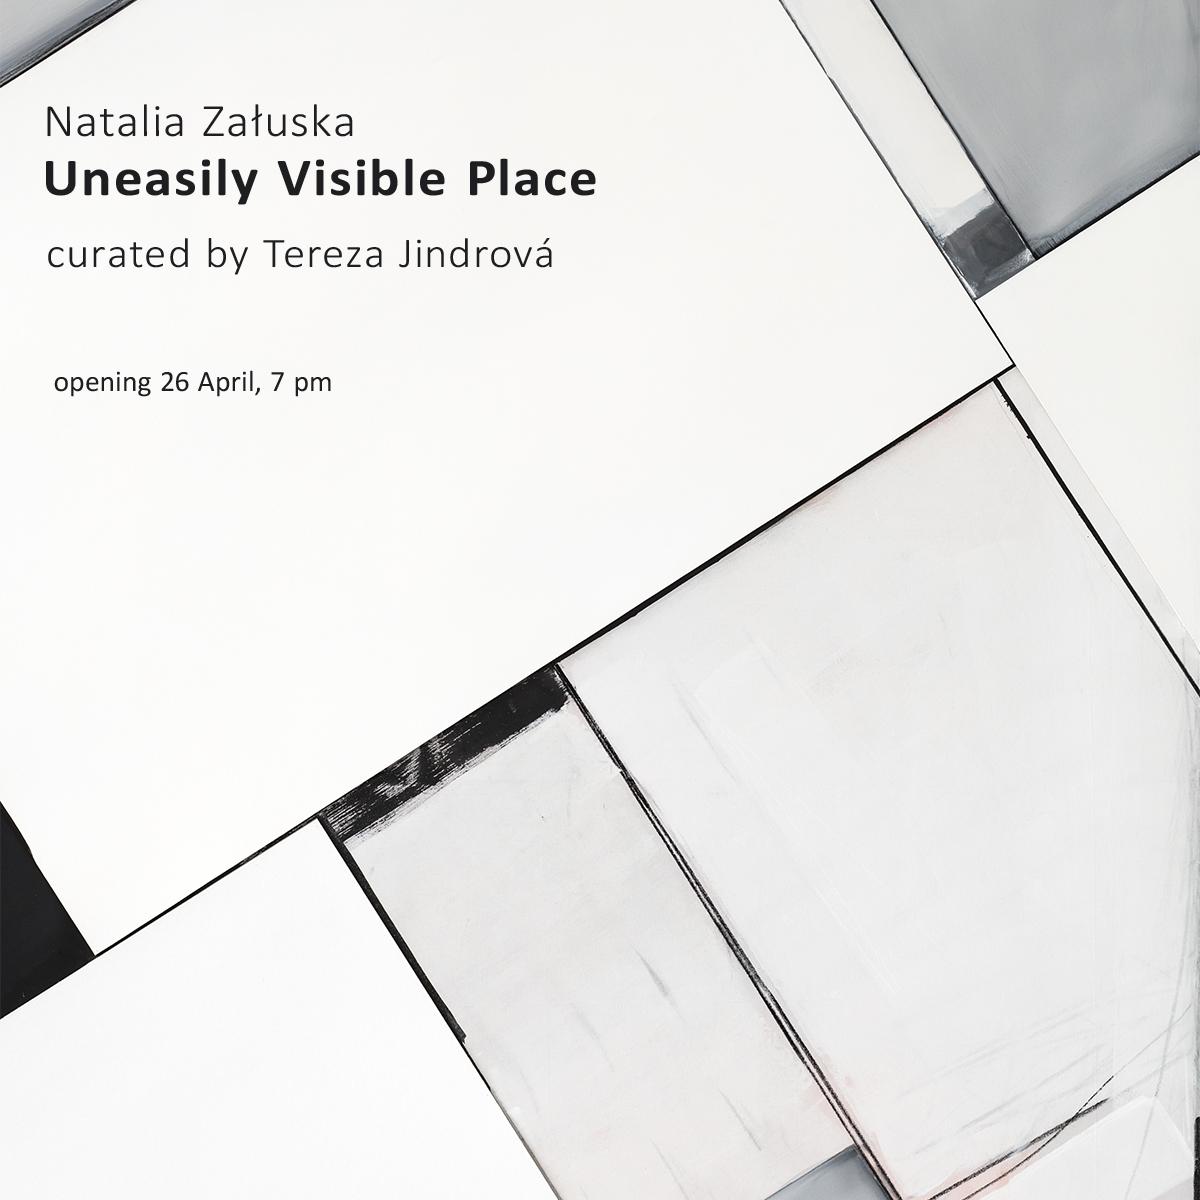 http://www.zahoriangallery.com/new/babanova-bratislava/